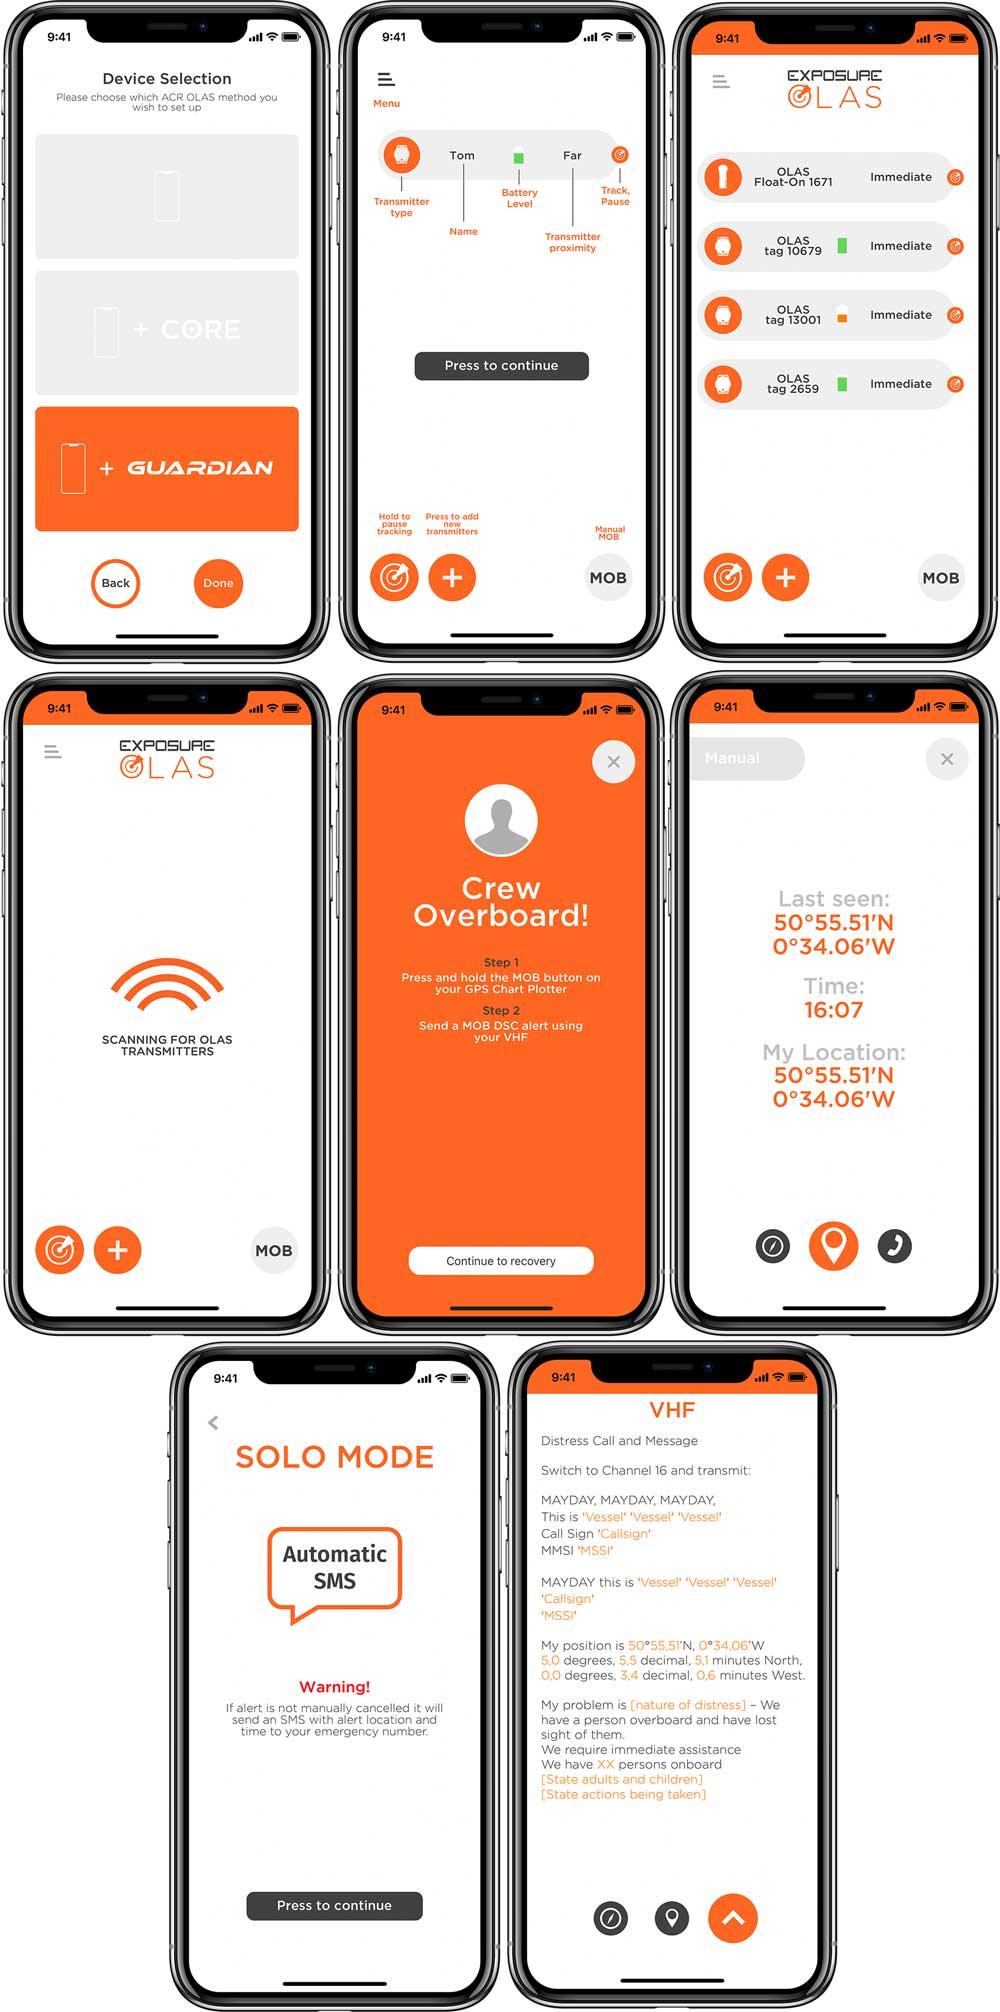 phone_screens_olas_app_2